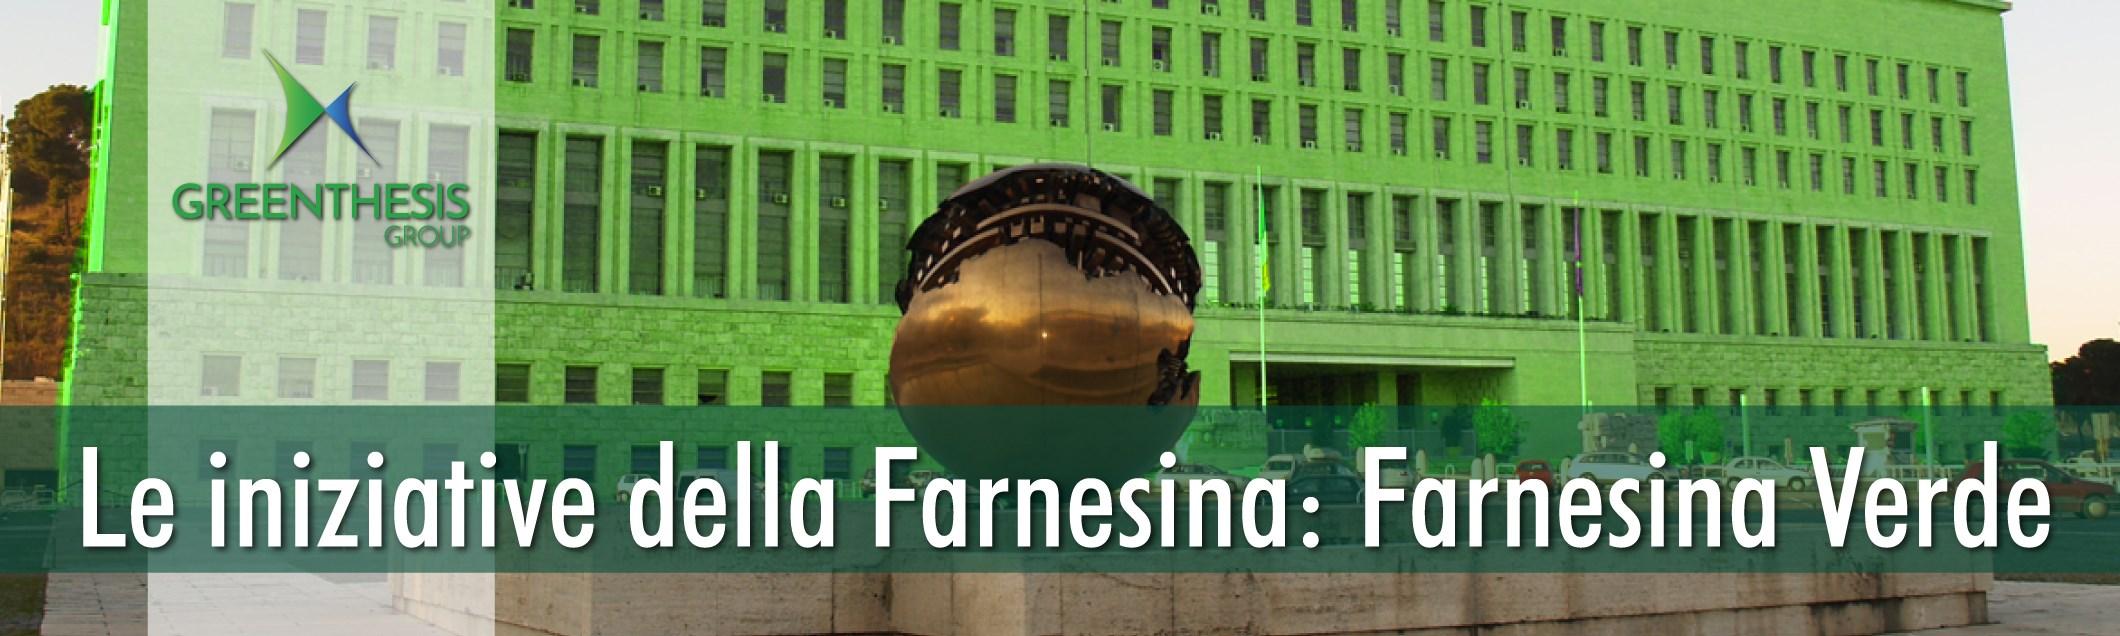 Greenthesis Group - Le iniziative della Farnesina: Farnesina Verde